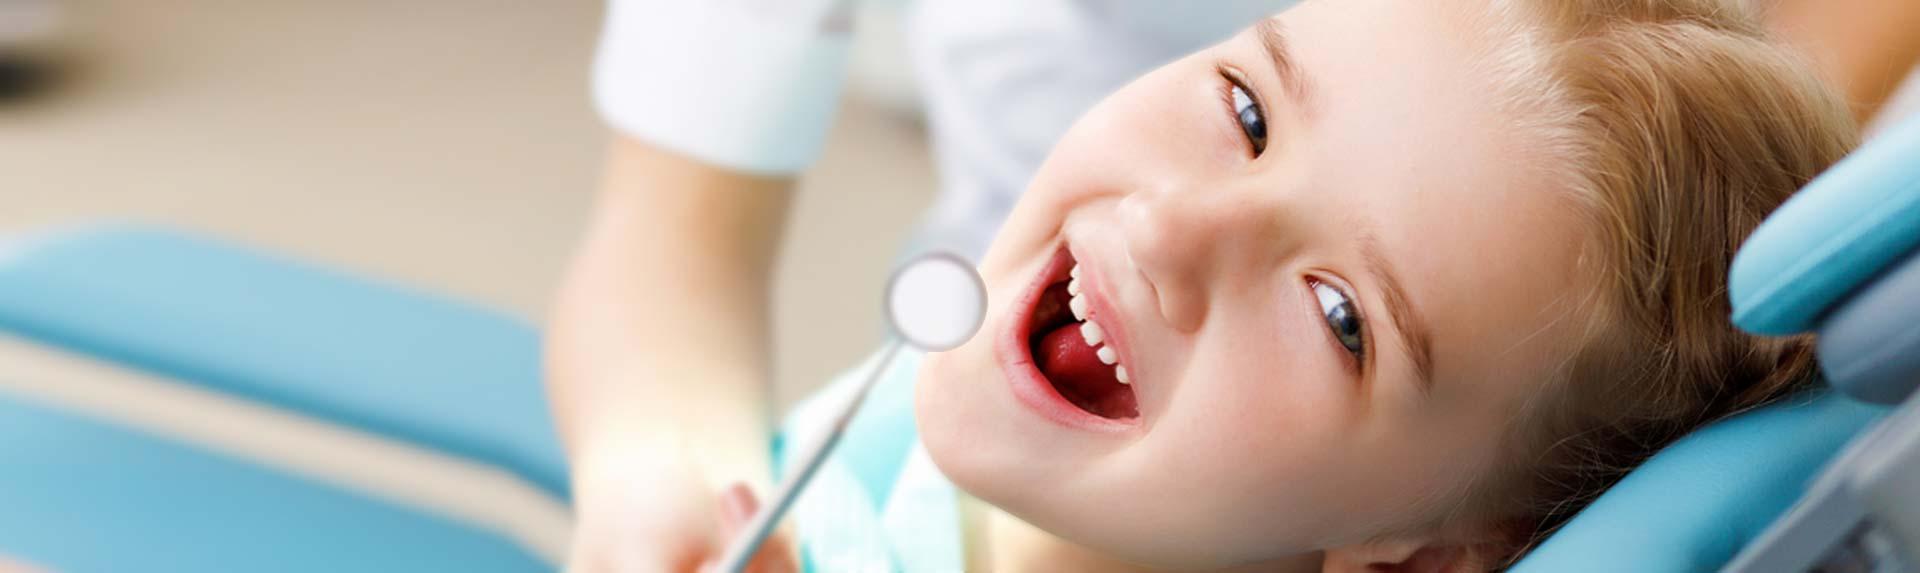 igiene-e-prevenzione-denti-ortodonzia-infantile